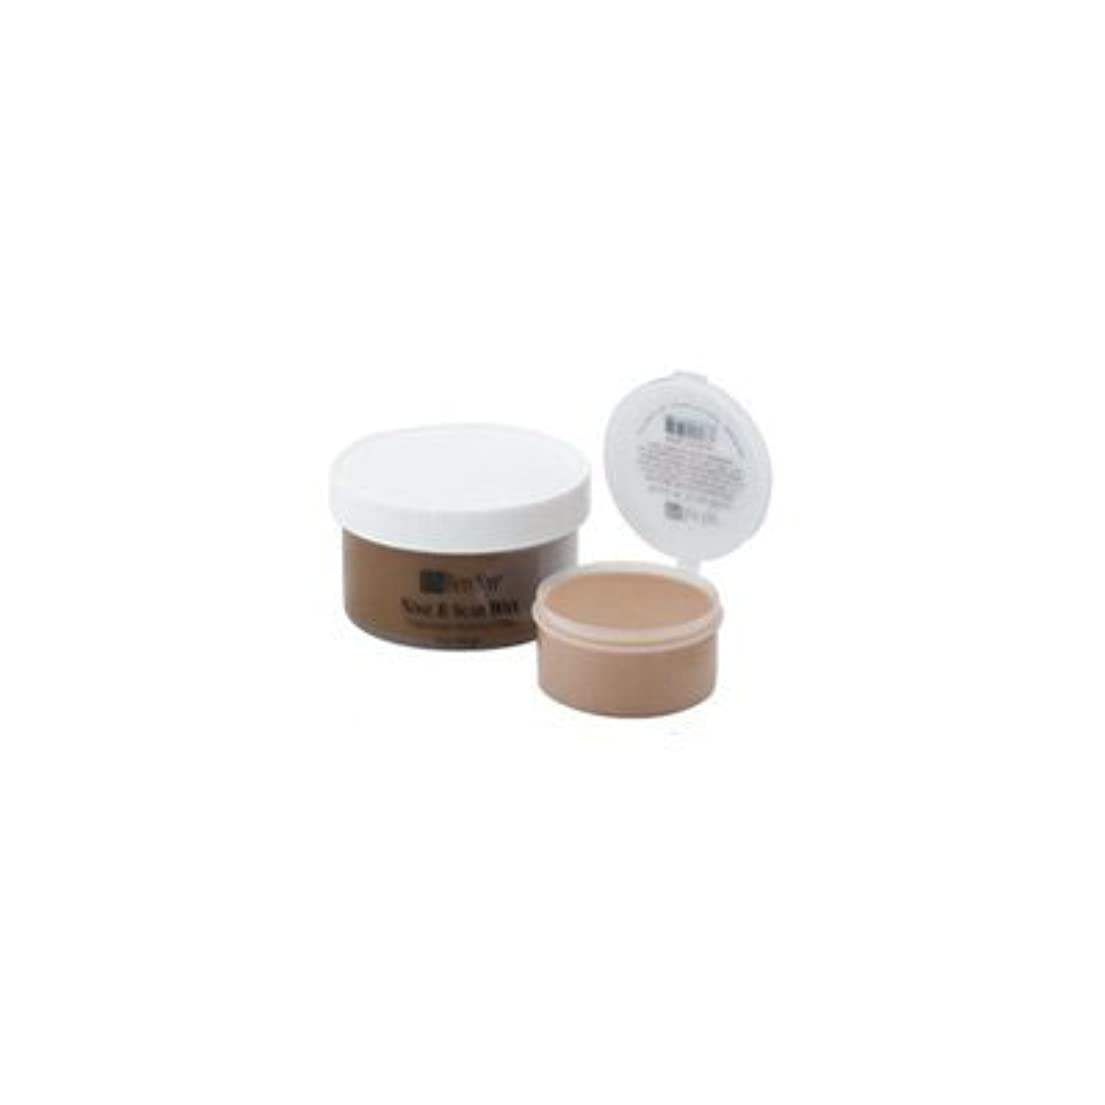 ピンポイント敬意を表してテンション三善  ベンナイ化粧品  メークアップワックス 傷メーク用 褐色肌の粘土状素材  コスプレメイク  ハロウィンメイク 226g BW-3 (H)(C)